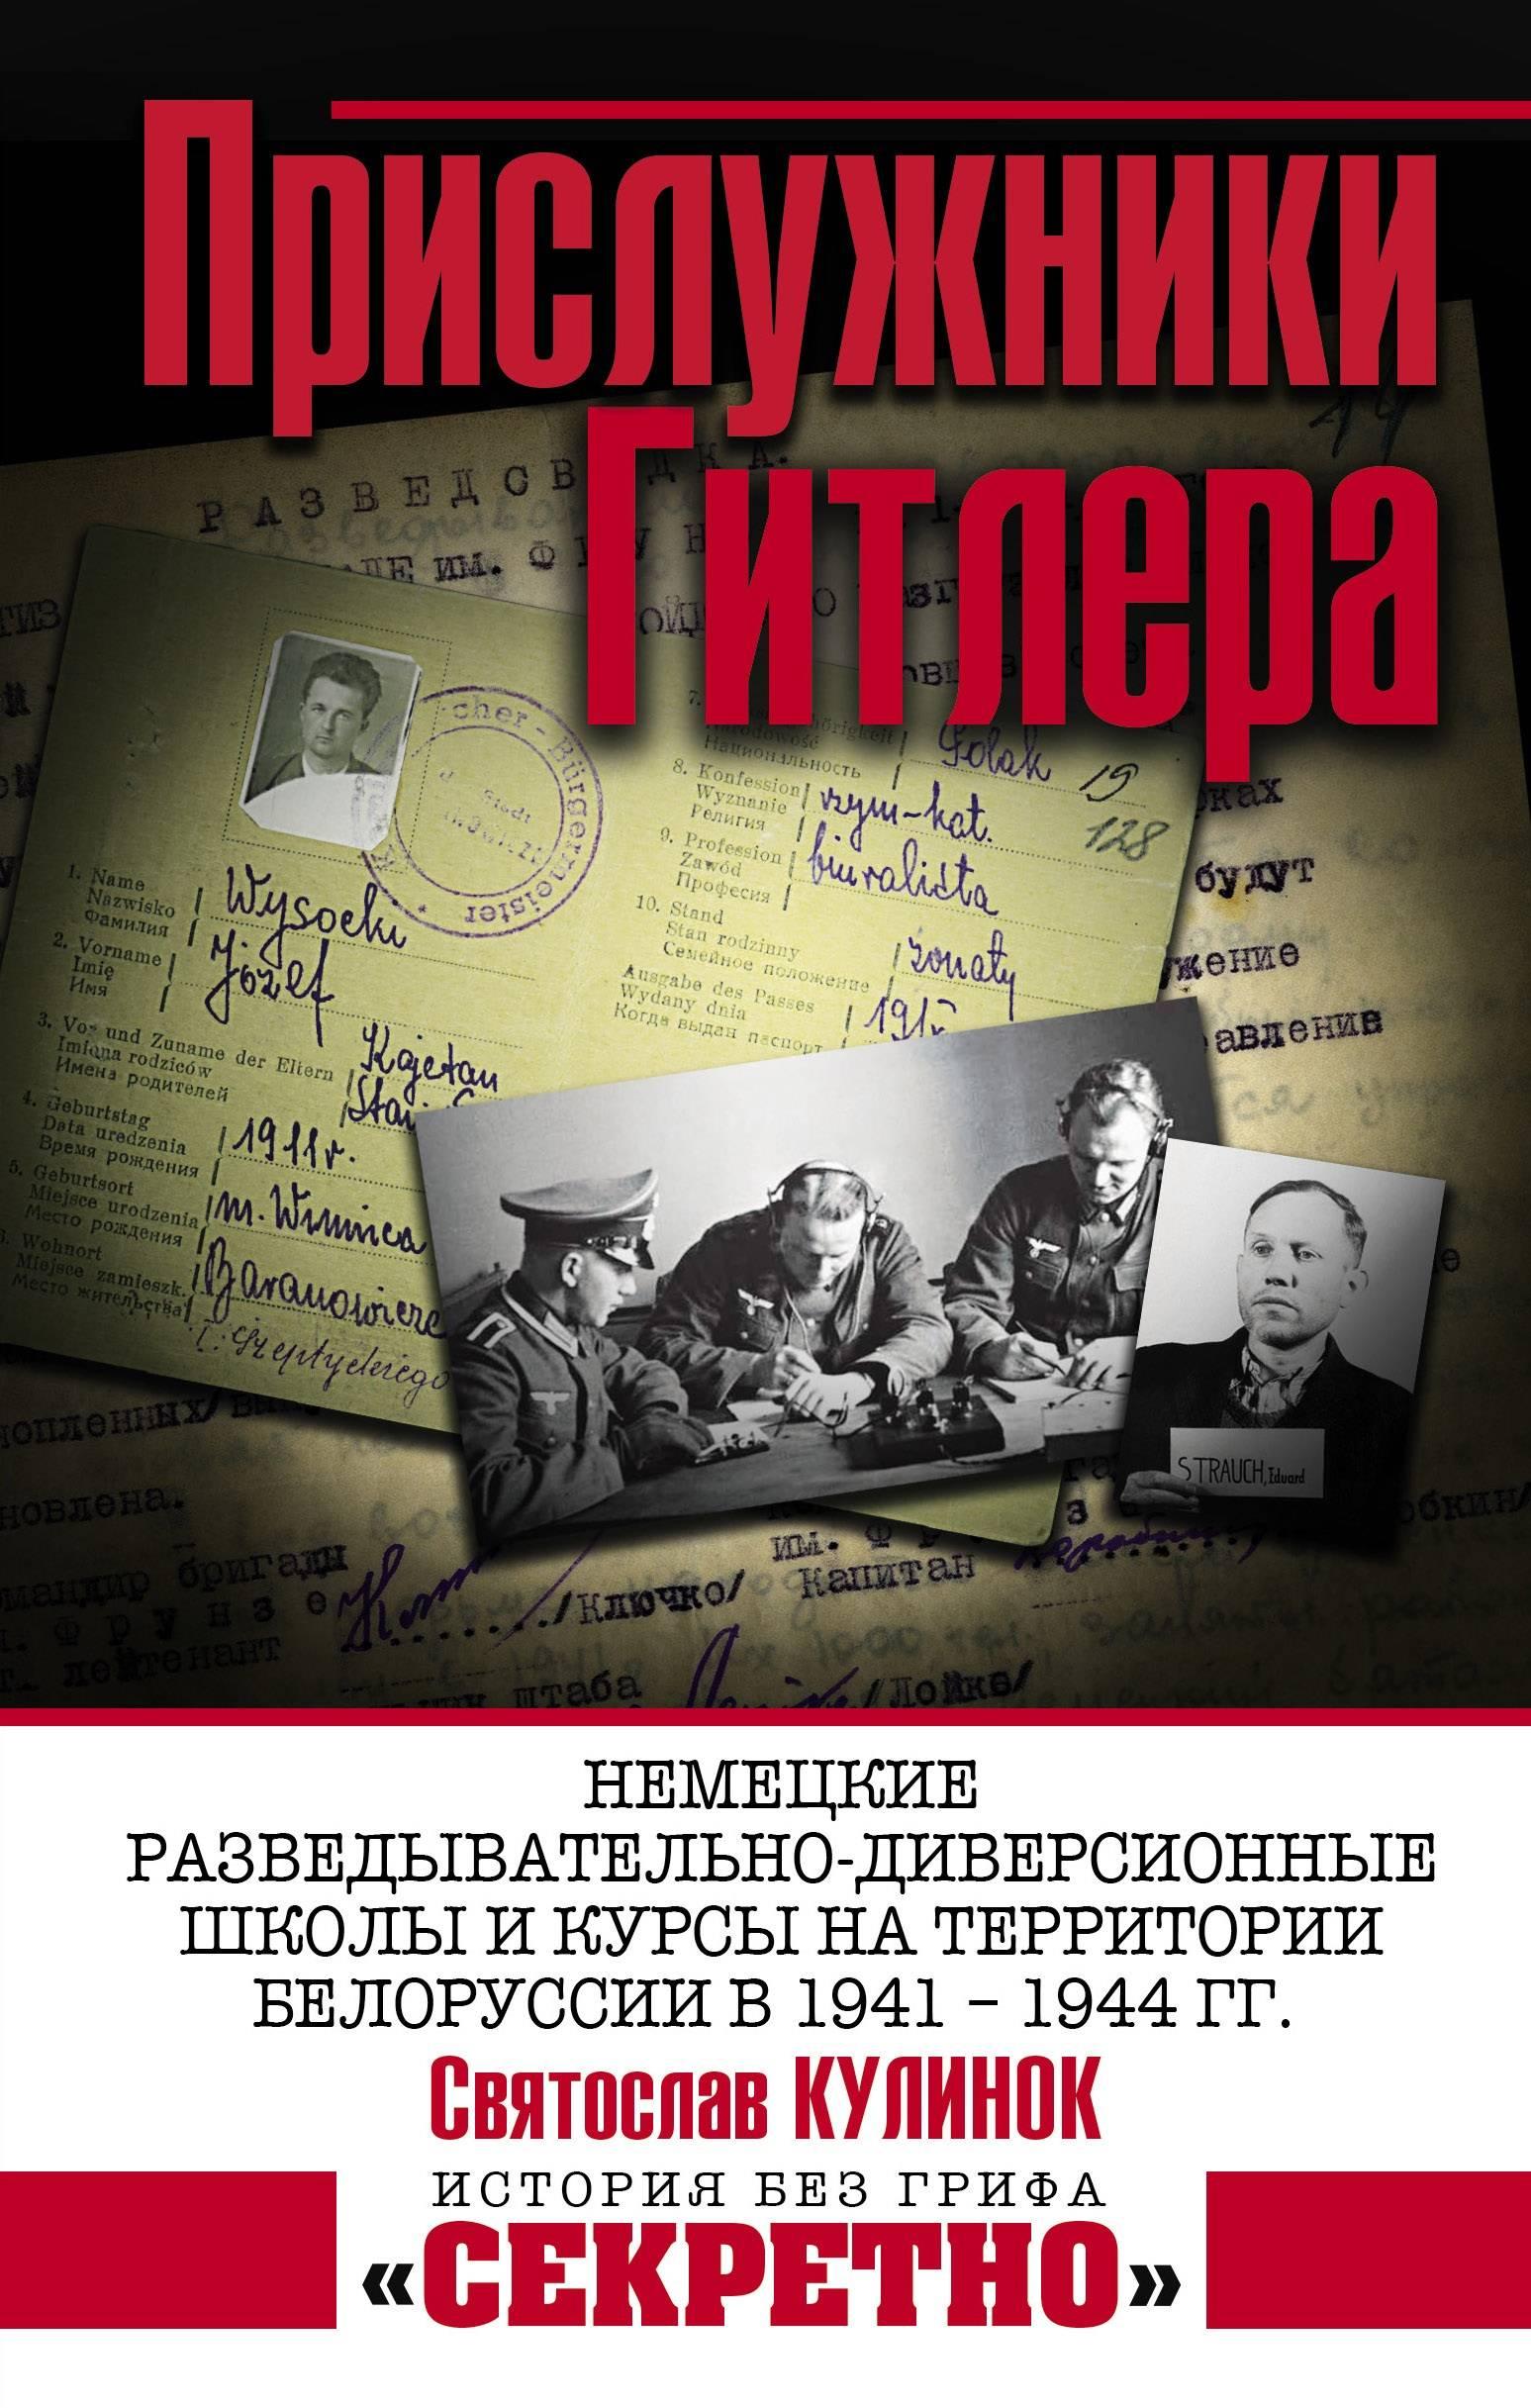 Prisluzhniki Gitlera.Nemetskie razvedyvatelno-diversionnye shkoly i kursy na territorii Belorussii v 1941 – 1944 gg.